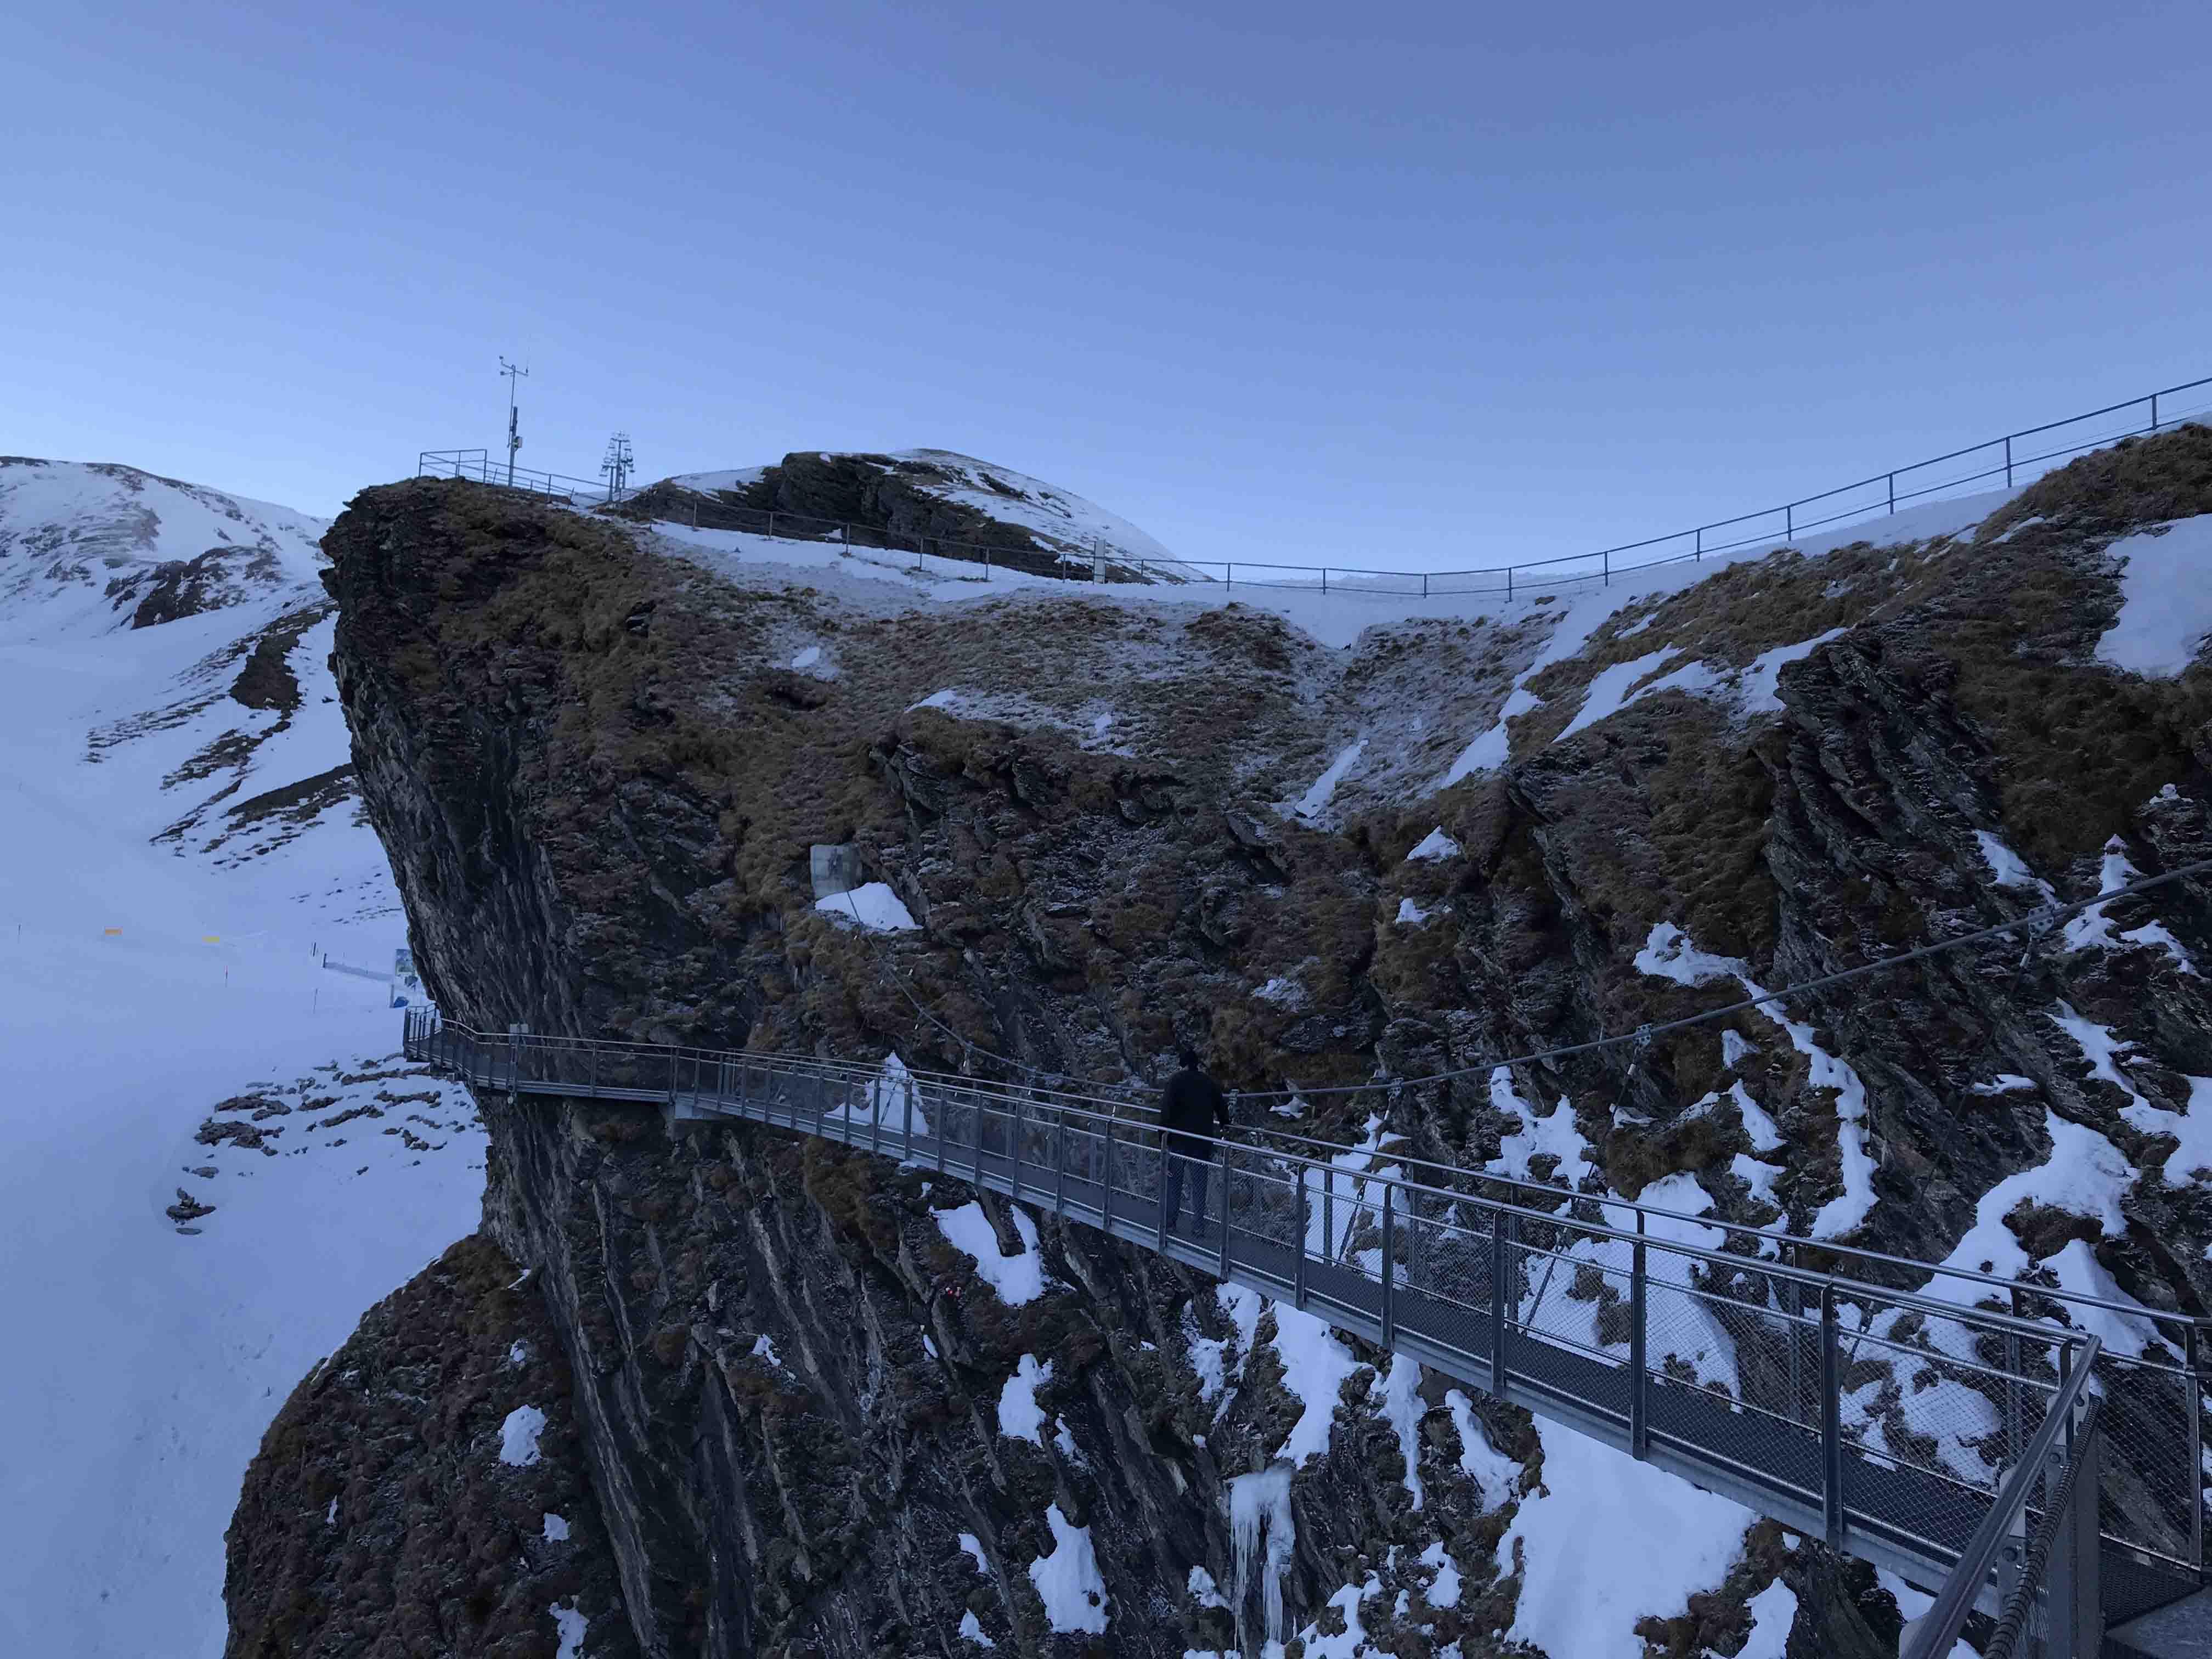 Ferienwohnung Chalet Anemone Grindelwald-First Cliff Walk in Grindelwald